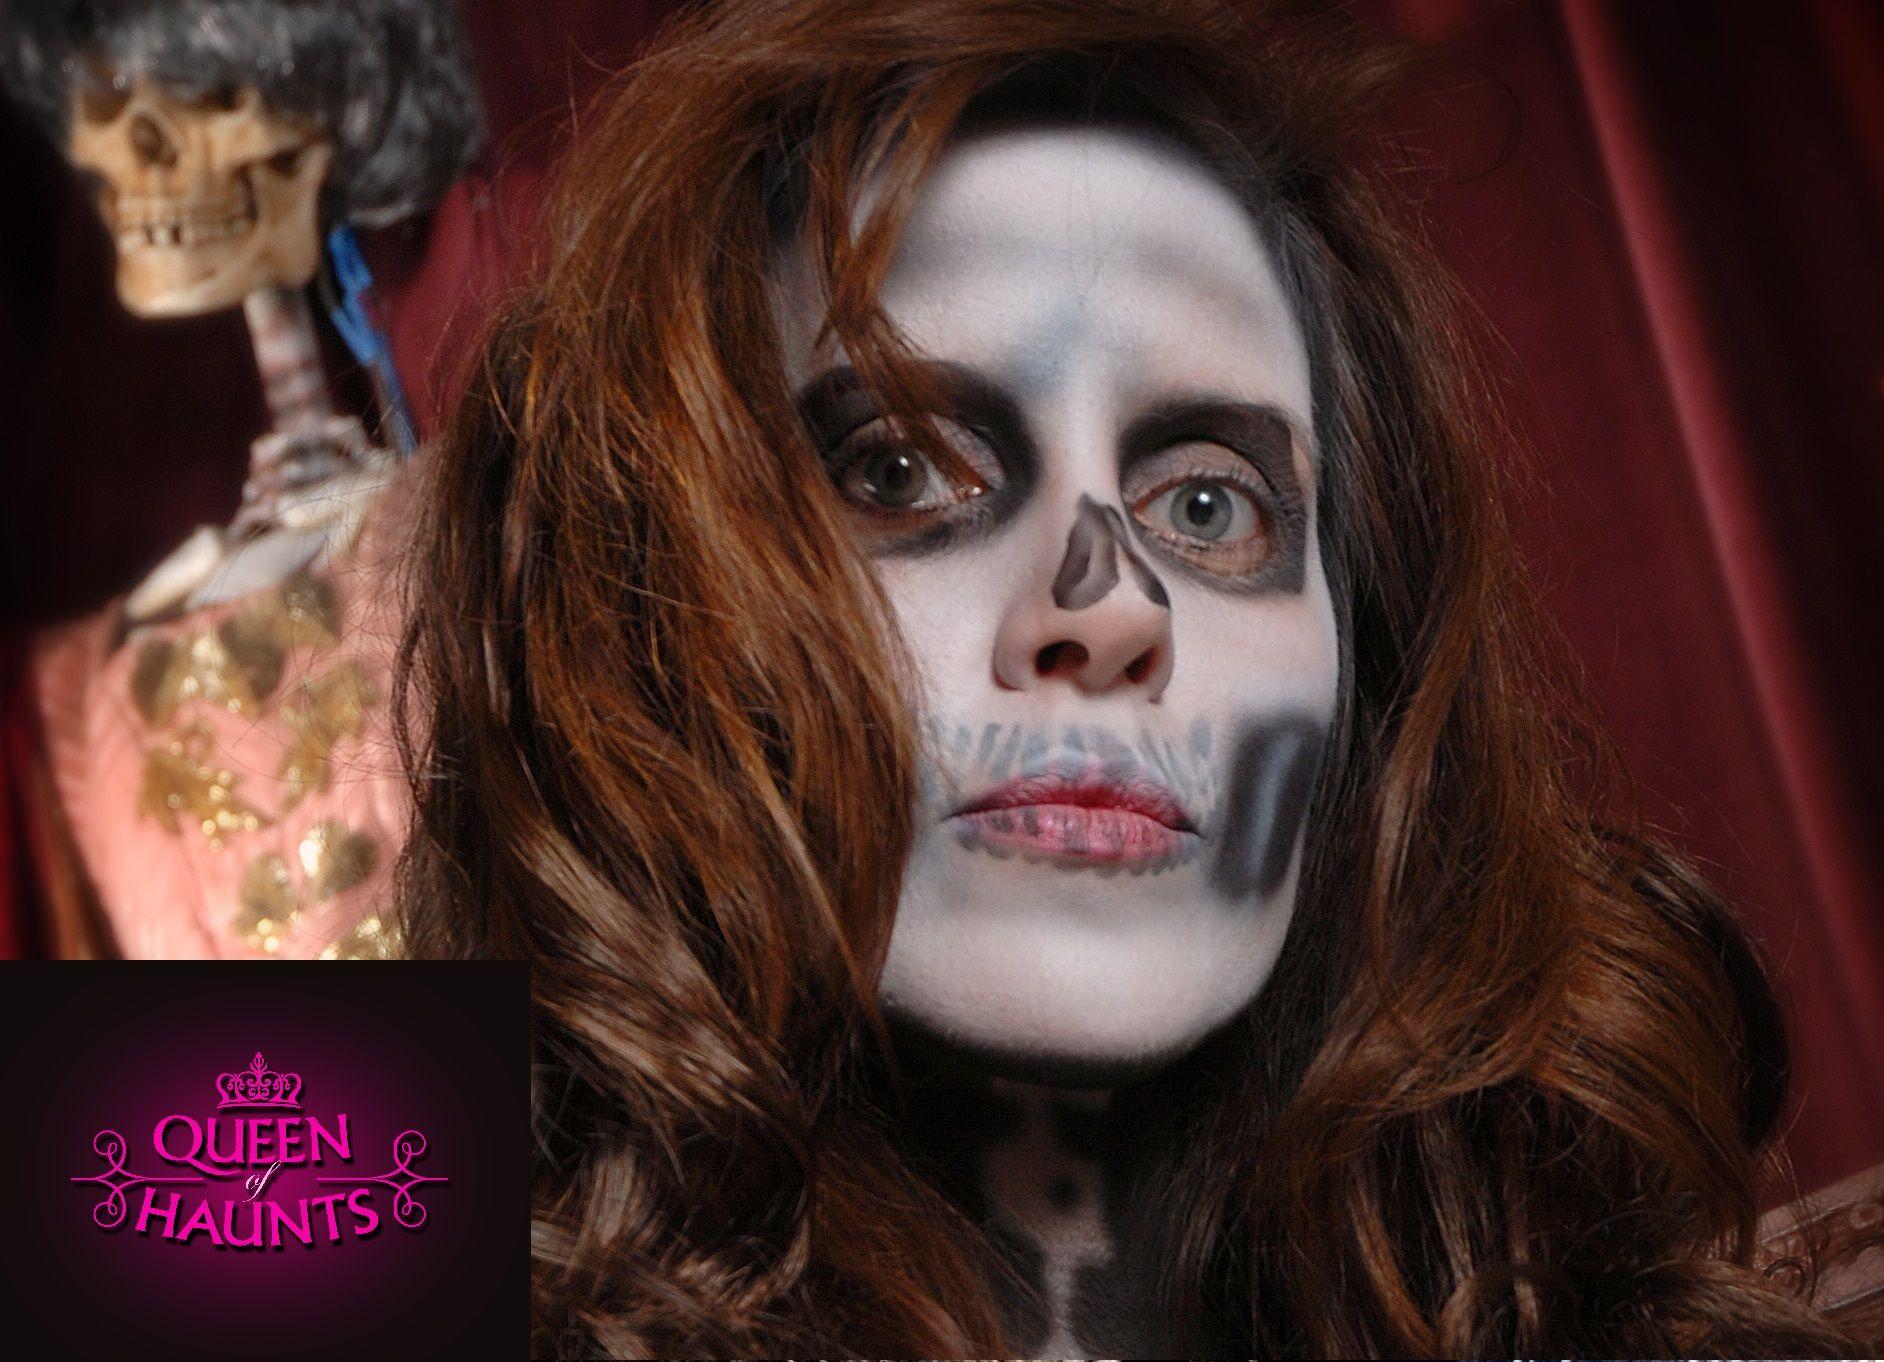 Queen of Haunts - A lifetime of haunting